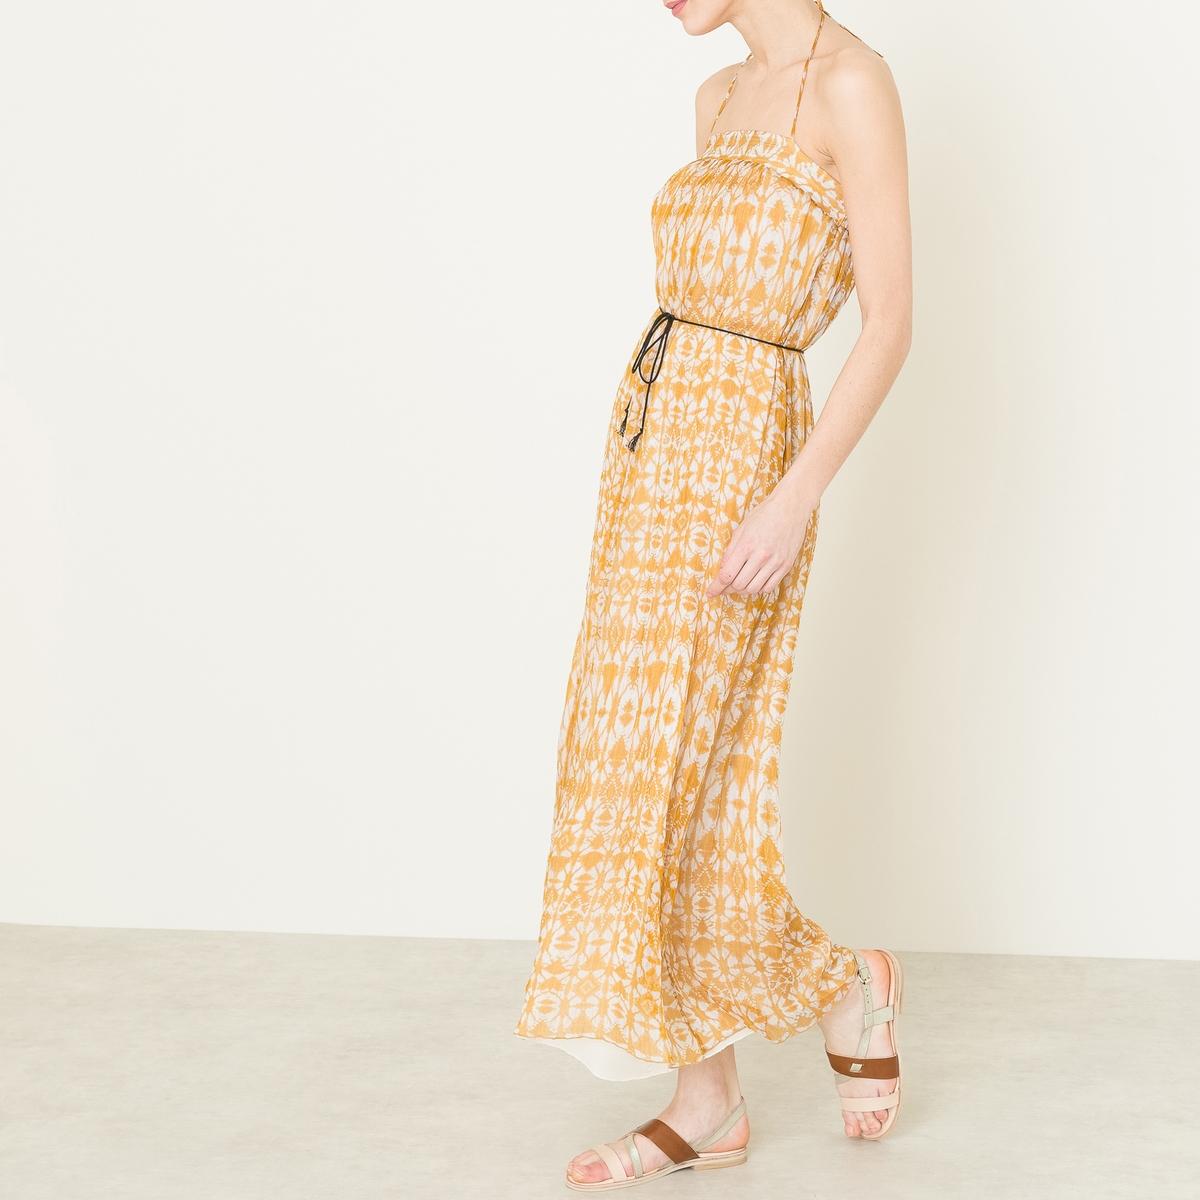 Платье длинное из шелкаДлинное шелковое платье POMANDERE - Покрой бюстье, на тонких бретелях. Тонкие складки спереди. Очень длинное, слегка расклешенное платье. На контрастных завязках на талии. Легкая струящаяся ткань из 100% шелка со сплошным рисунком.Состав и описание   Материал : 100% шелкМарка : POMANDERE<br><br>Цвет: горчичный